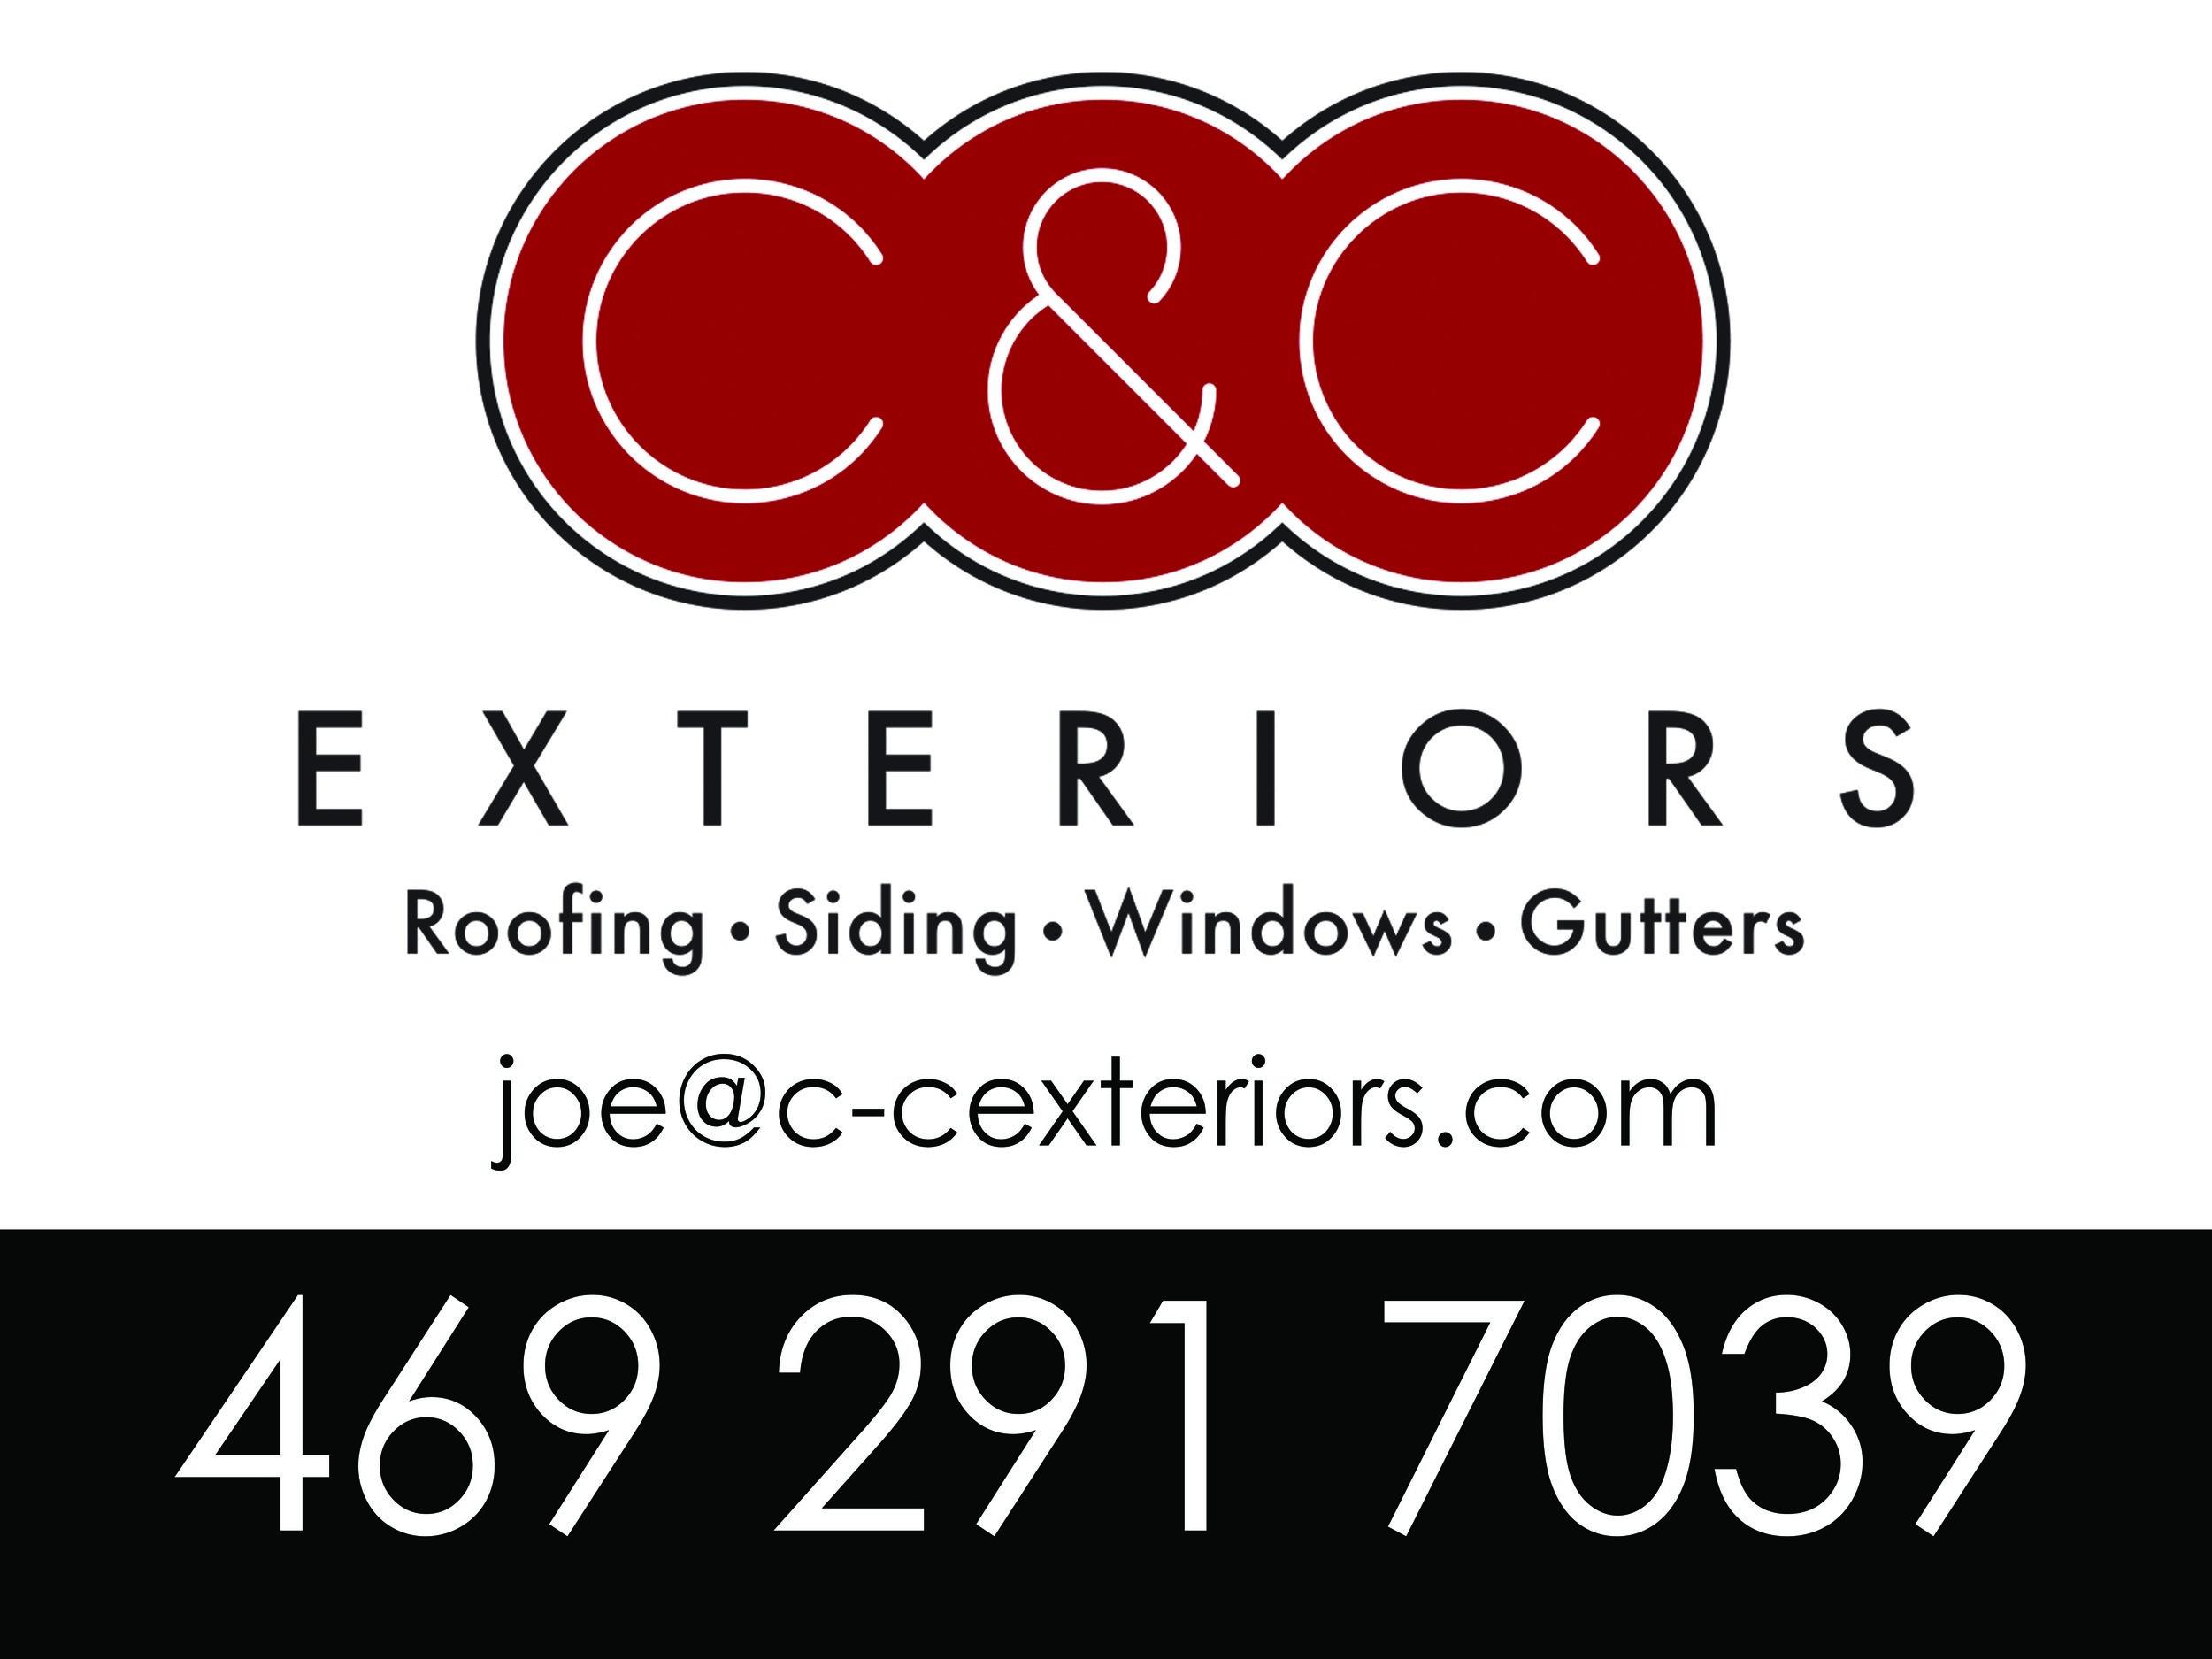 C&C Exteriors.jpg